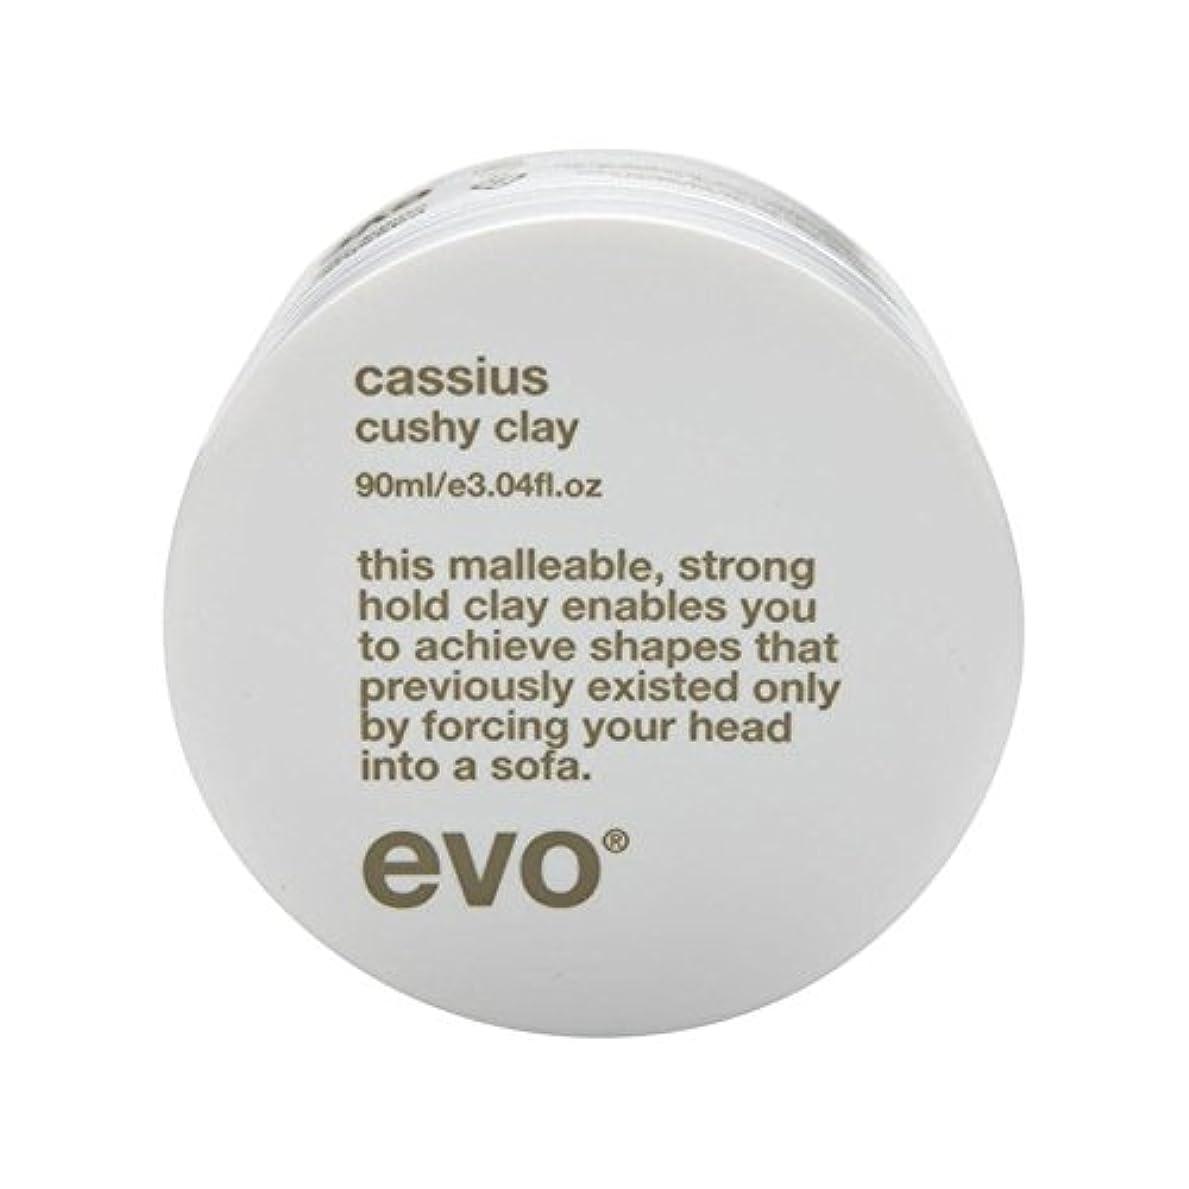 鉄アドバイス利用可能Evo Cassius Cushy Clay 90G - エボカシウス楽な粘土90グラム [並行輸入品]